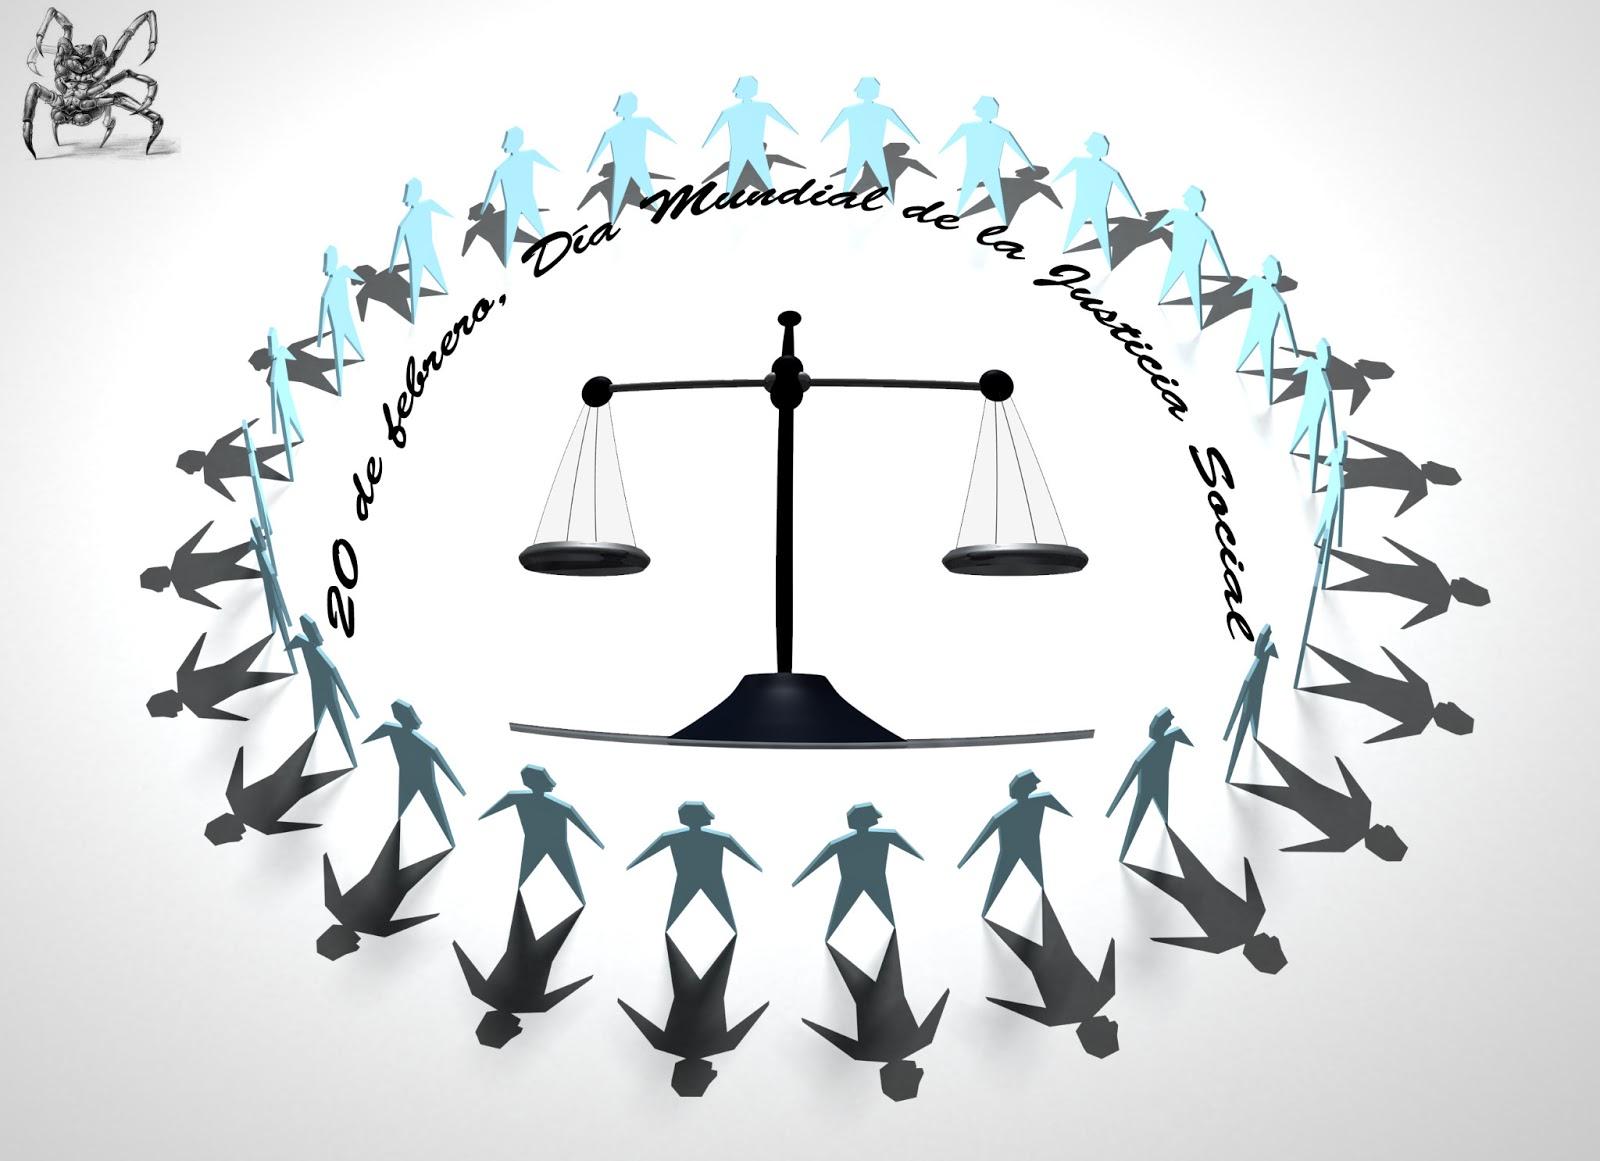 20 de febrero Día Mundial de la Justicia Social.